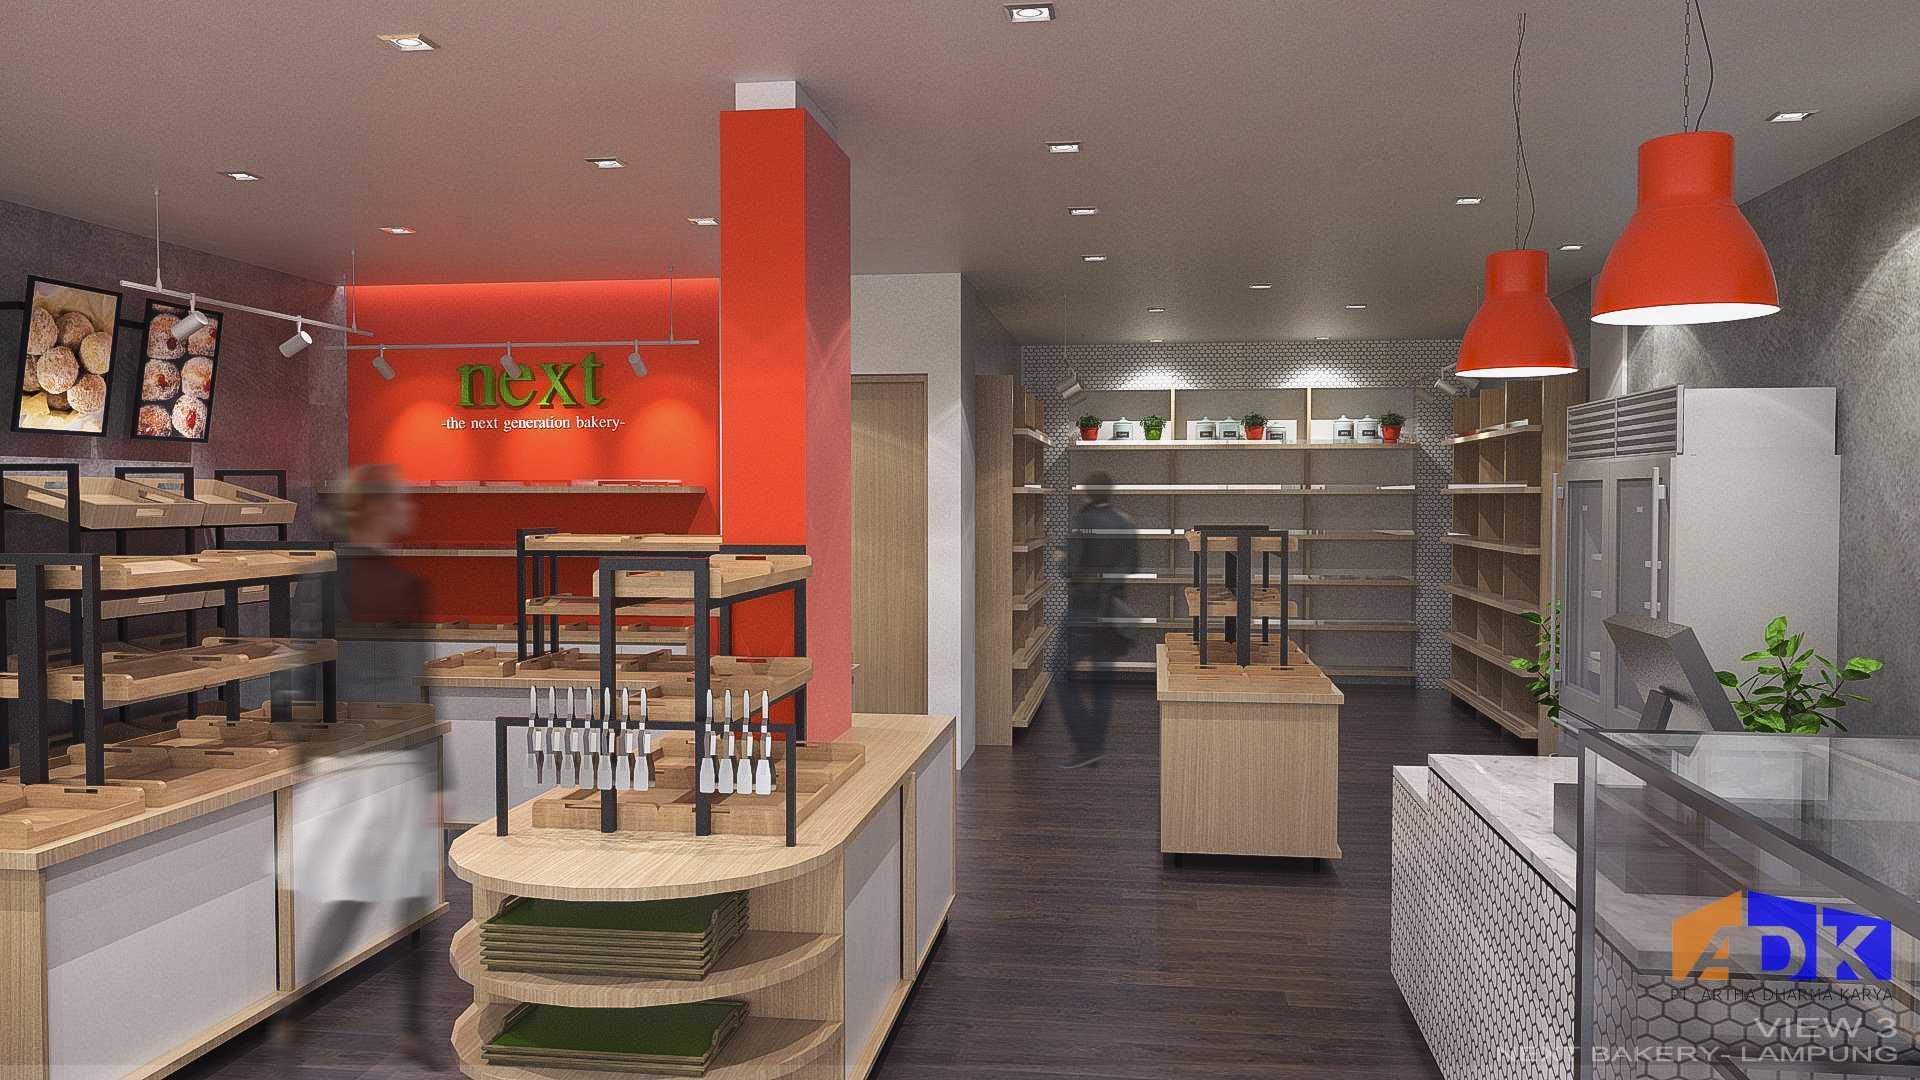 Artha Dharma Karya Design Next Bakery Bandar Lampung, Kota Bandar Lampung, Lampung, Indonesia Bandar Lampung, Kota Bandar Lampung, Lampung, Indonesia Artha-Dharma-Karya-Design-Next-Bakery  77054